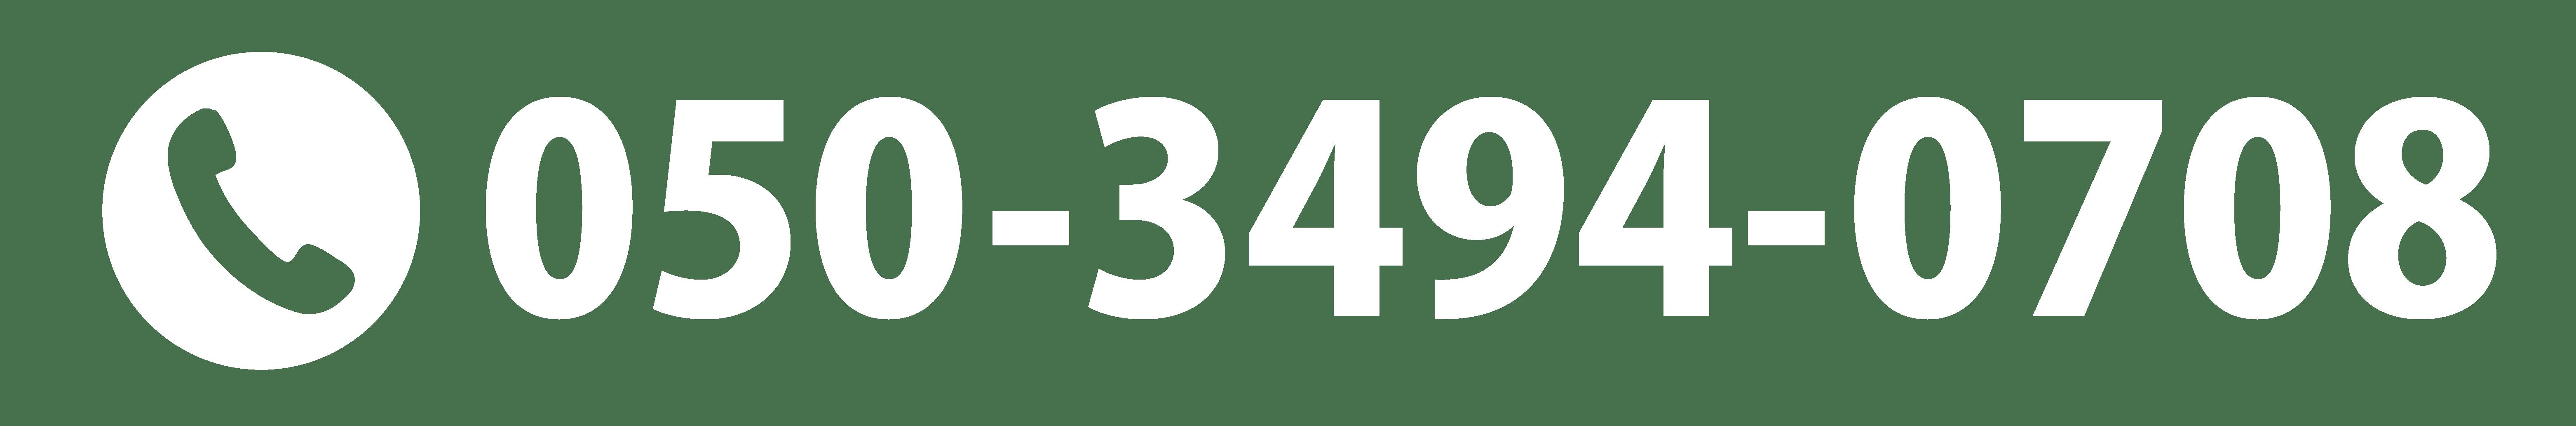 銀座校生徒様専用|電話番号